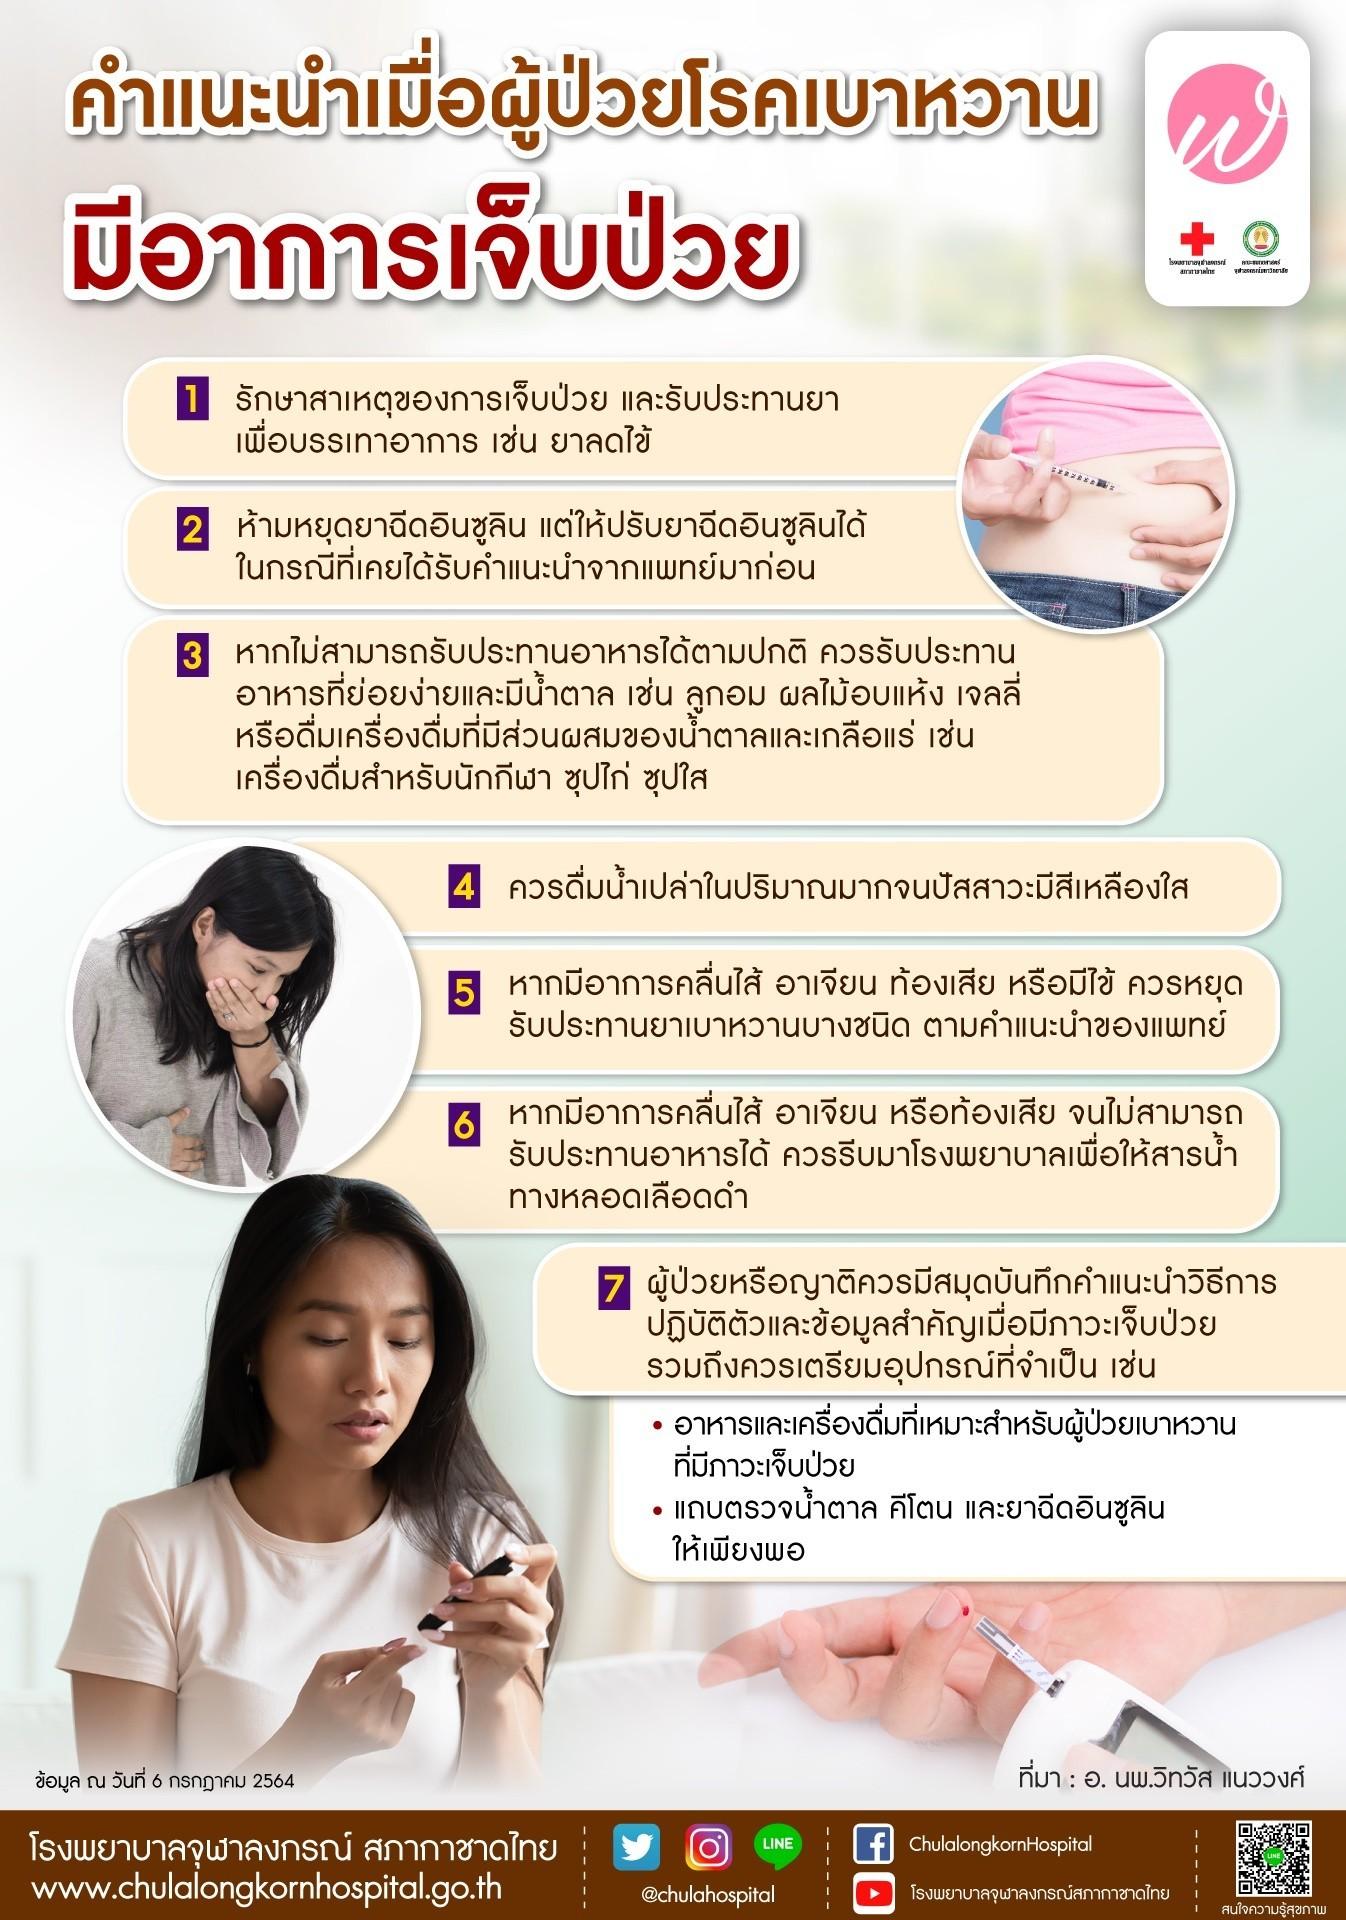 คำแนะนำเมื่อผู้ป่วยโรคเบาหวานมีอาการเจ็บป่วย